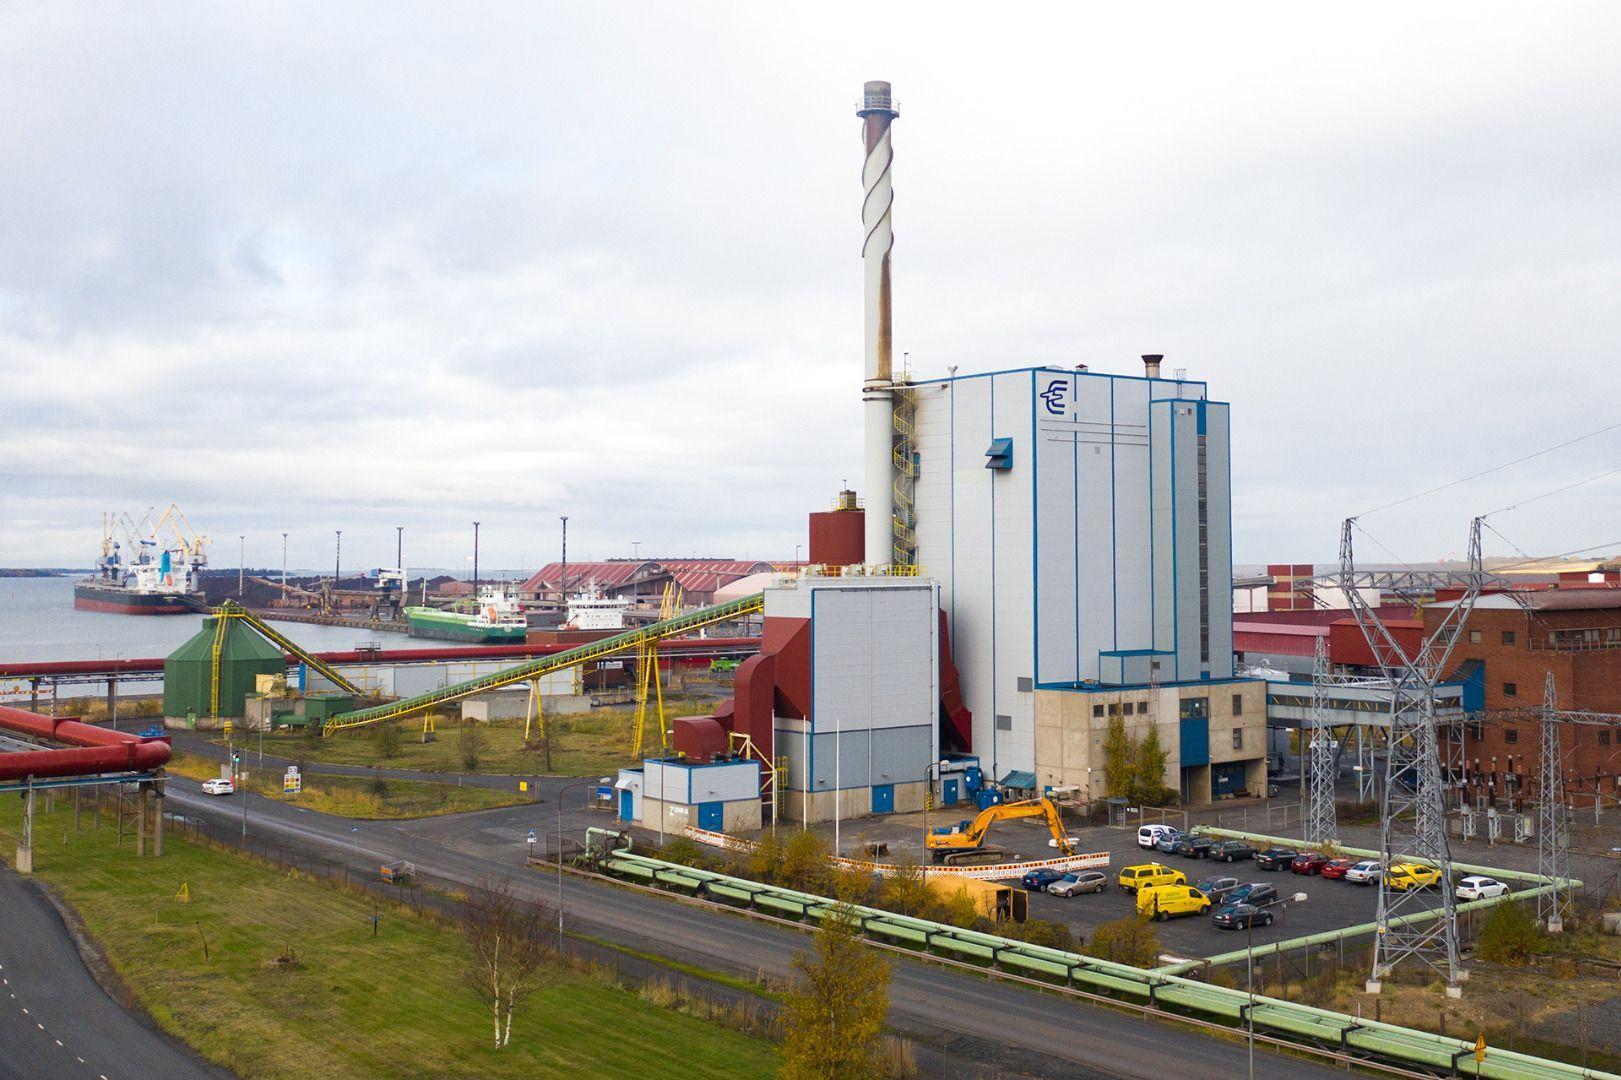 Lintuperspektiivistä otettu kuva Kokkolan energian voimalaitoksesta. Taustalla näkyy satama ja rahtilaiva.